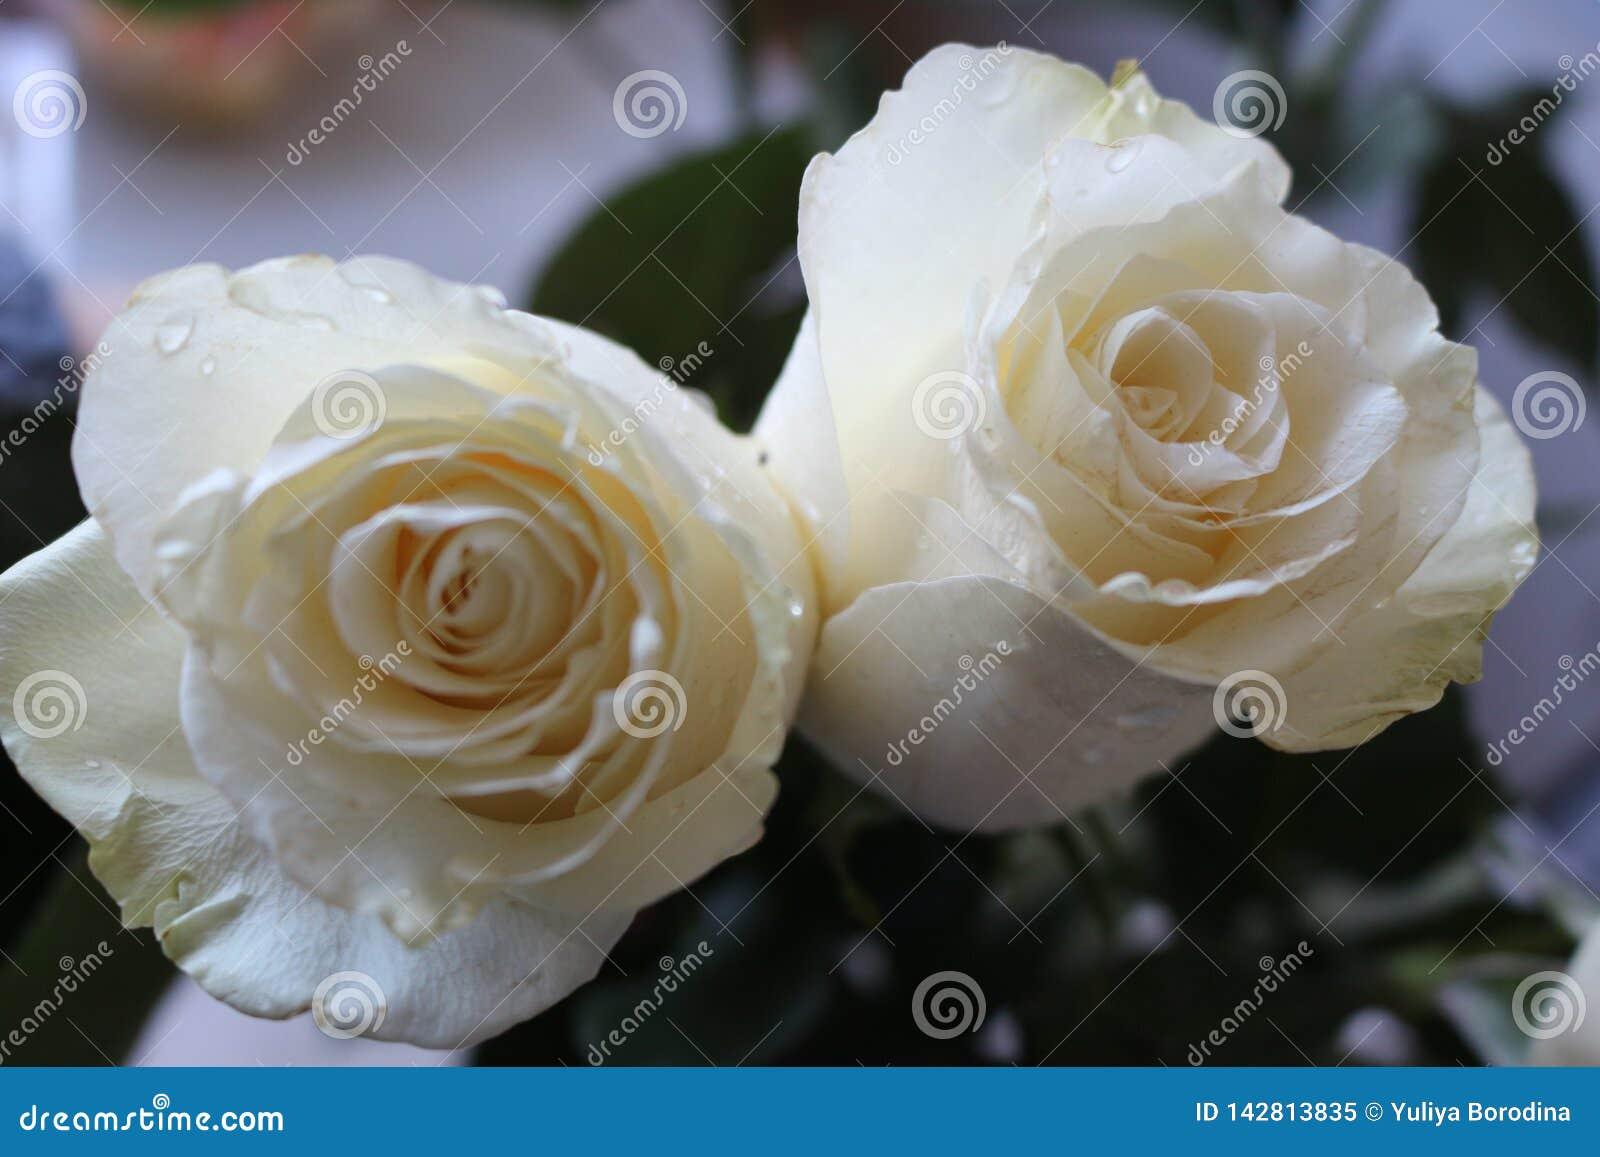 Un bello mazzo delle rose bianche farà appello a ad ogni donna La sua fragranza reale conquister? l ogni